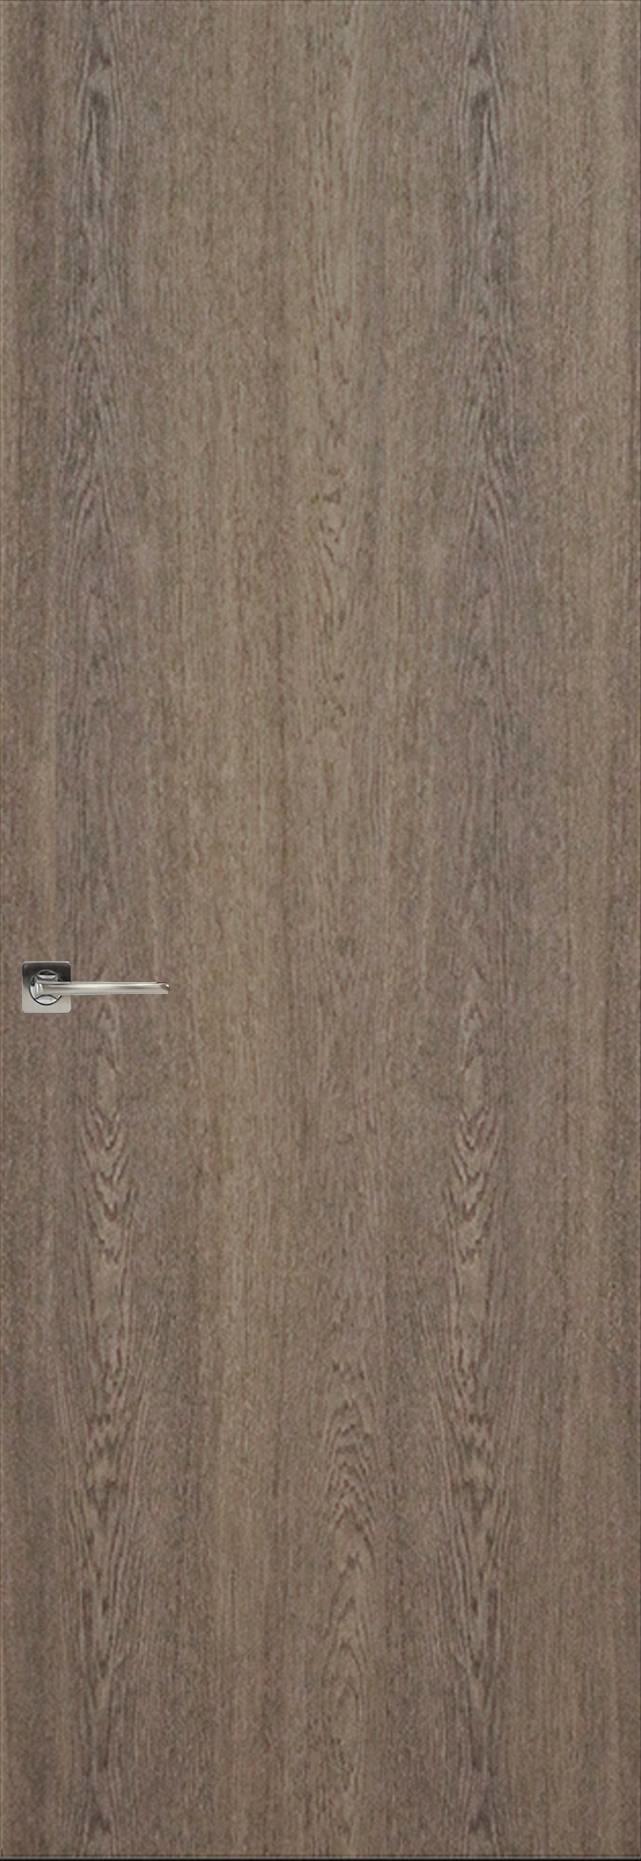 Tivoli А-1 Невидимка цвет - Дуб антик Без стекла (ДГ)